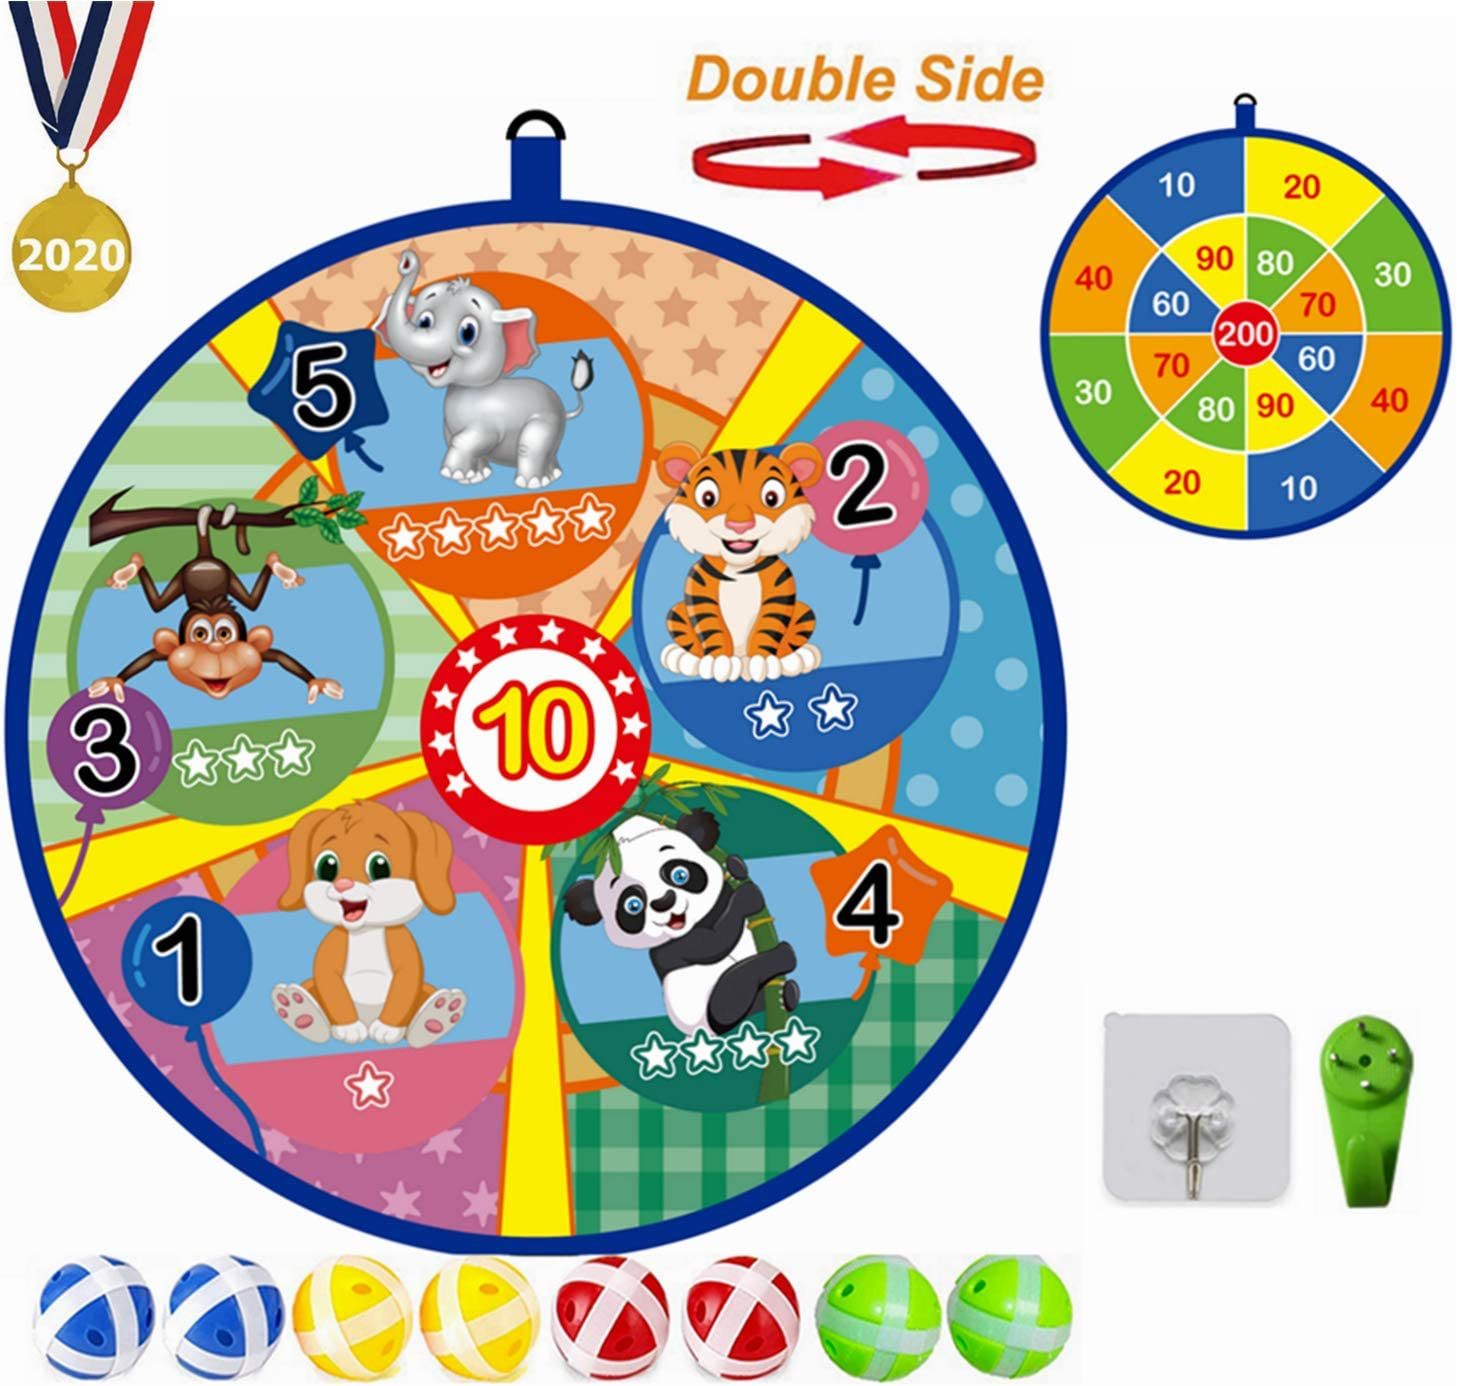 Lbsel Juego para niños Doble Cara Dart Board con 8 Bolas Juegos de Mesa para niños Toy-Safe Dart Game-Regalo para niños elección de Juego Interior al Aire libre-13.2 Inches (33.5cm): Amazon.es: Deportes